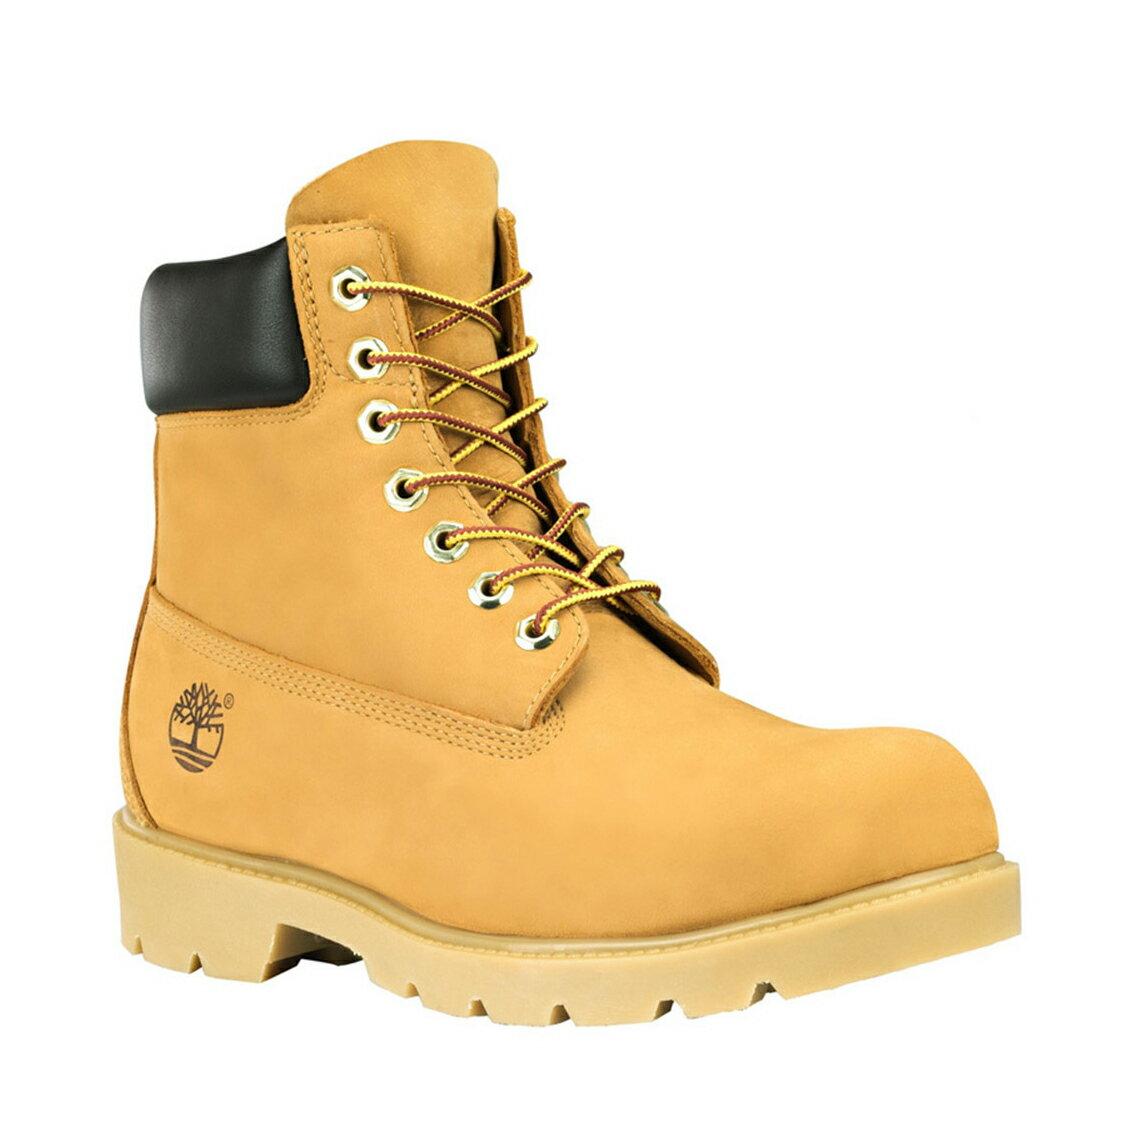 美國百分百【全新真品】Timberland 經典 登山鞋 工作靴 戶外鞋 黃靴 男靴 18094 鞋子 靴子 B990